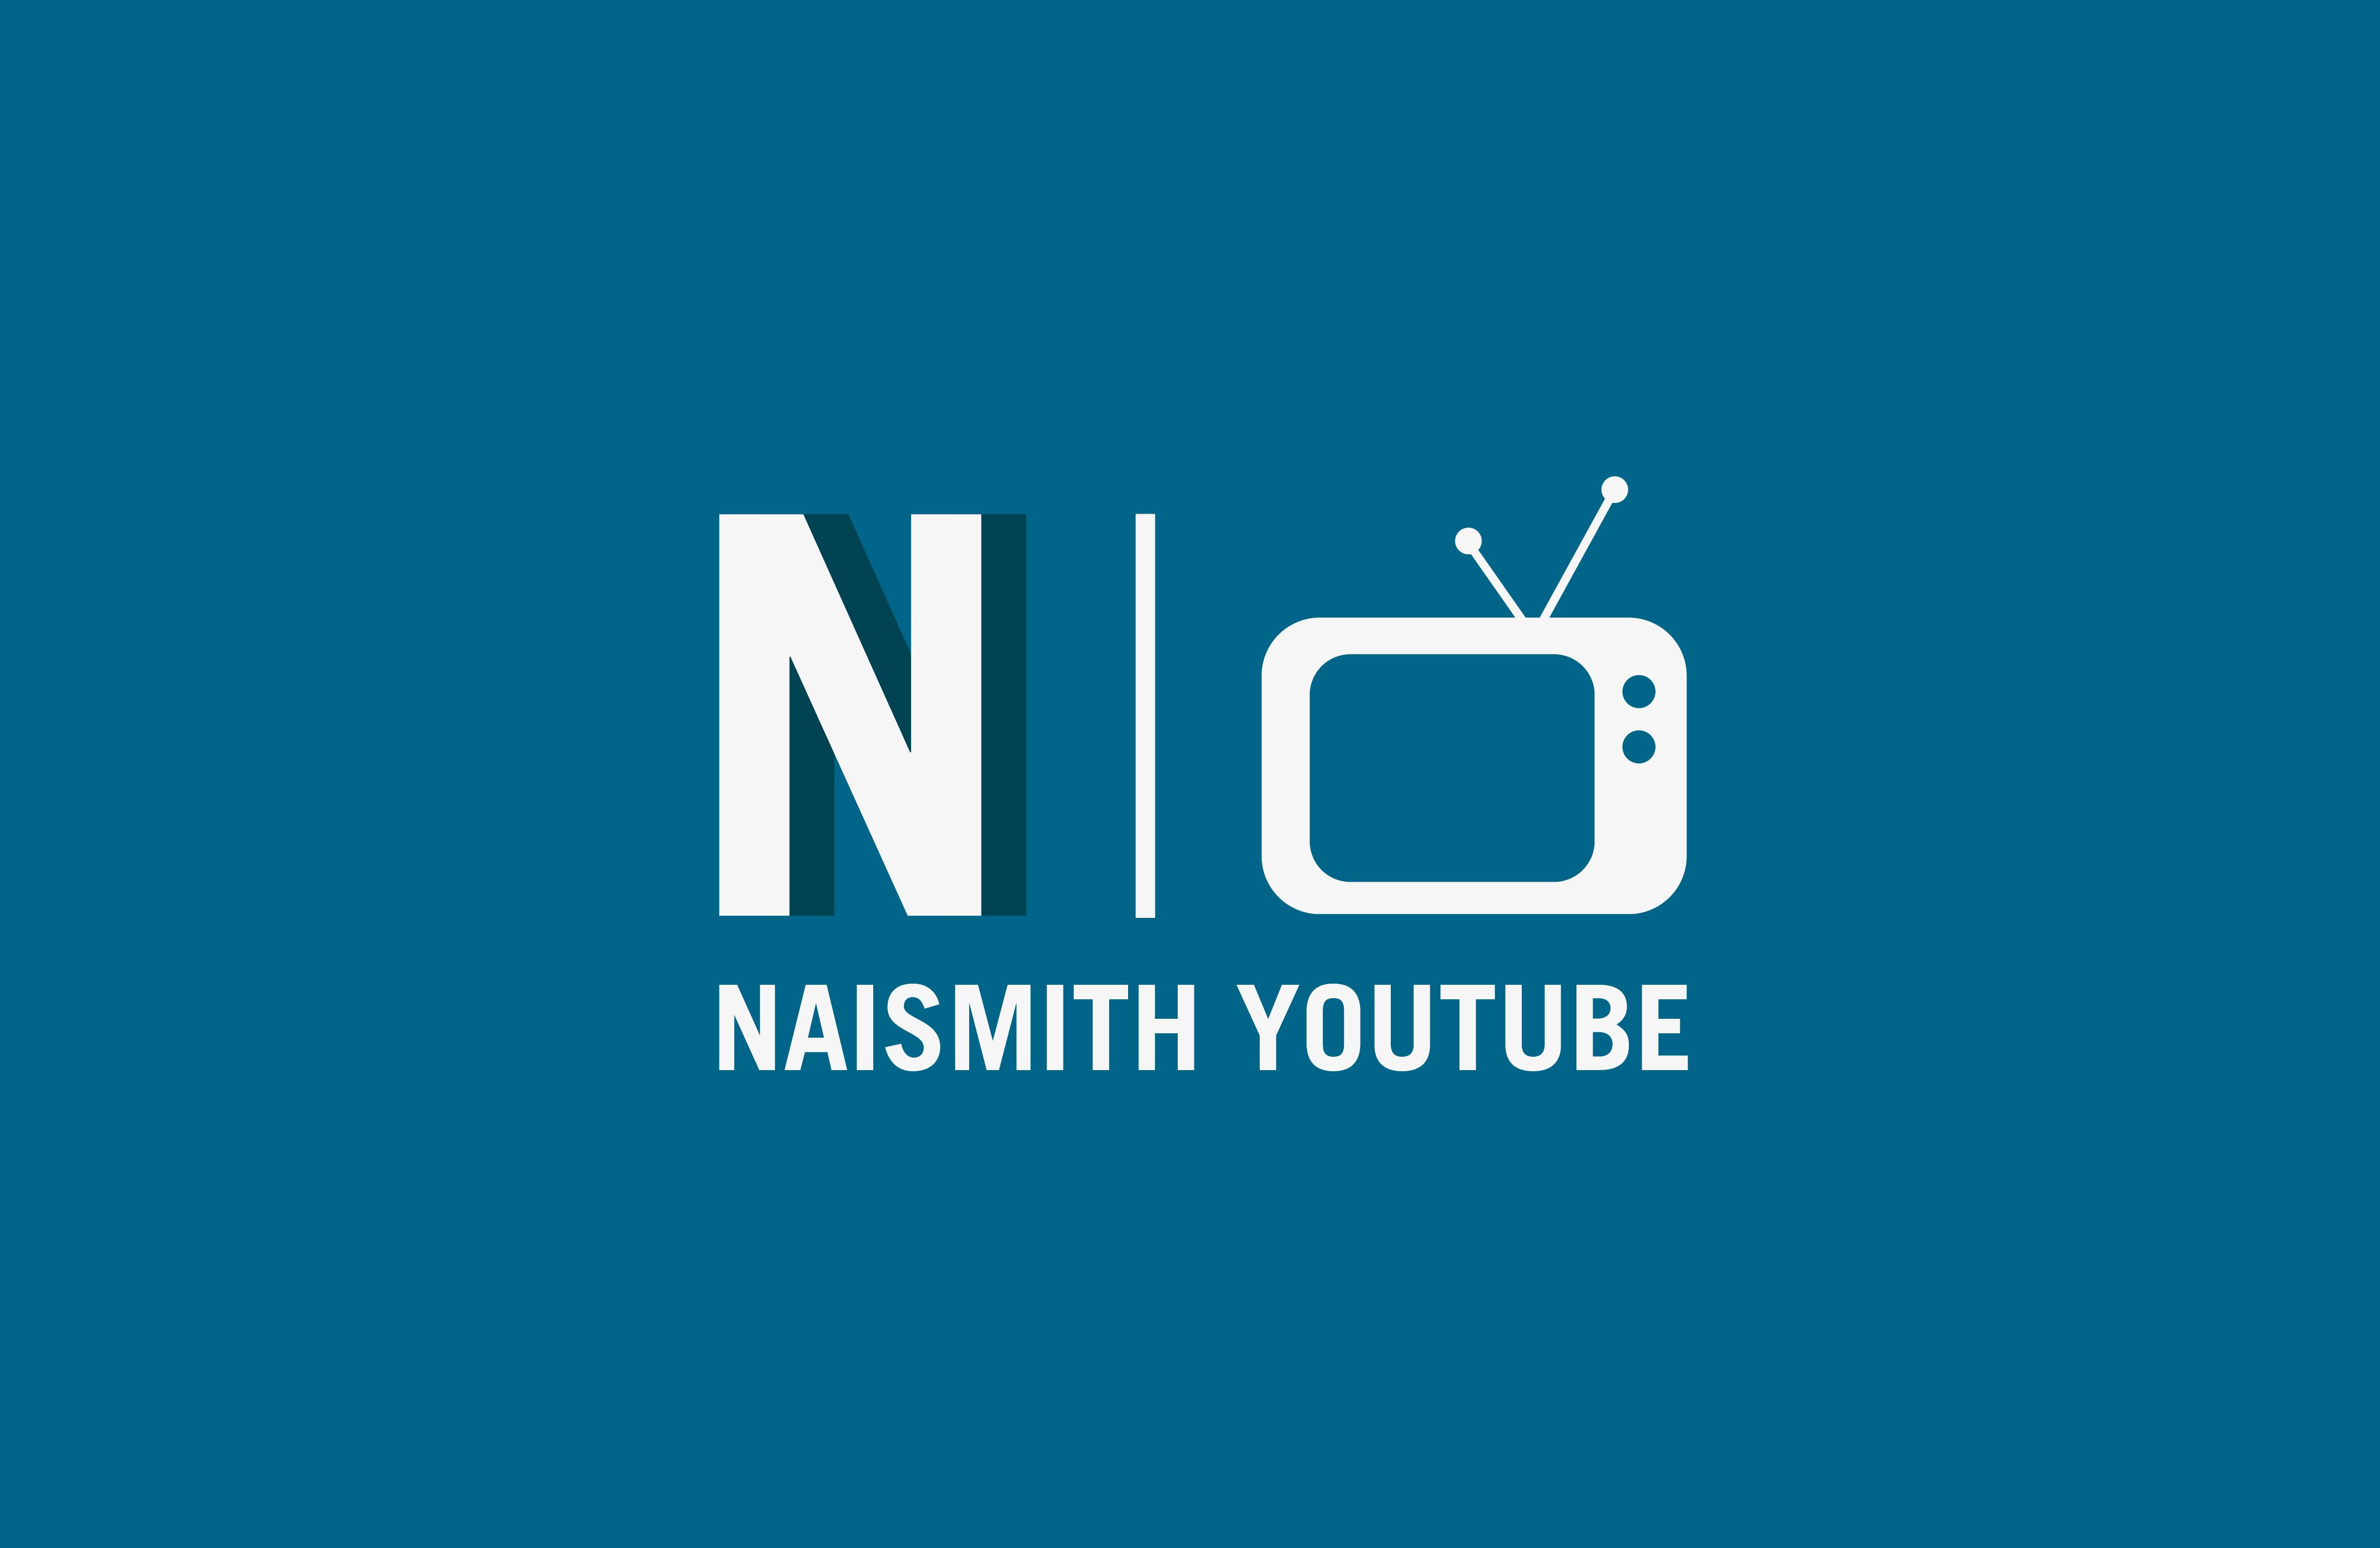 naismith.dk_philipjohansen_youtube